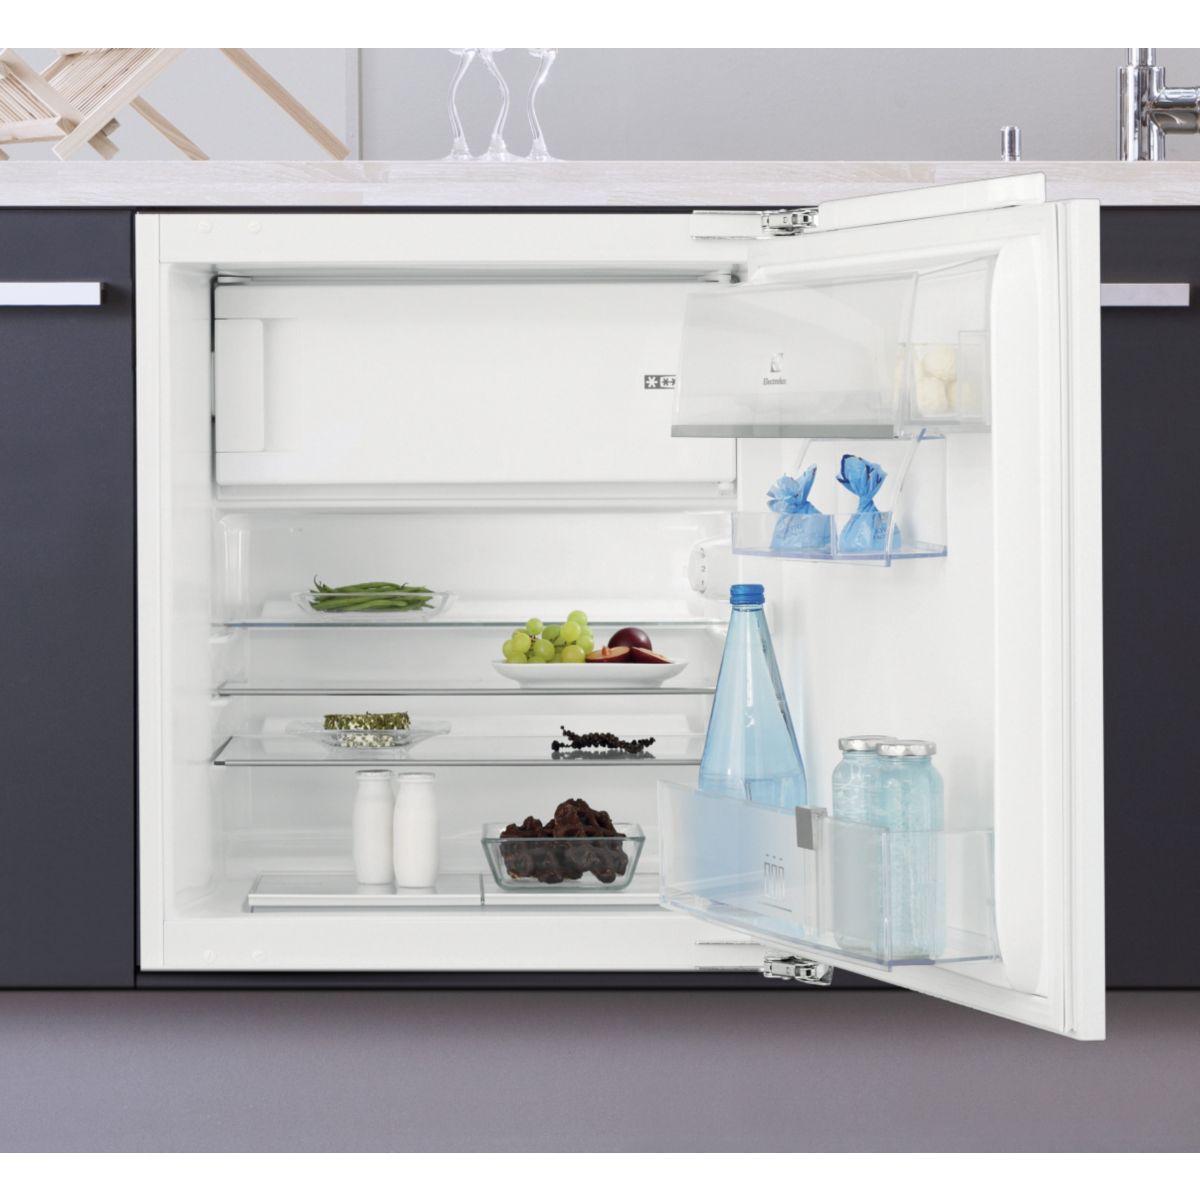 Réfrigérateur encastrable electrolux ery1201fow - 2% de remise immédiate avec le code : cool2 (photo)